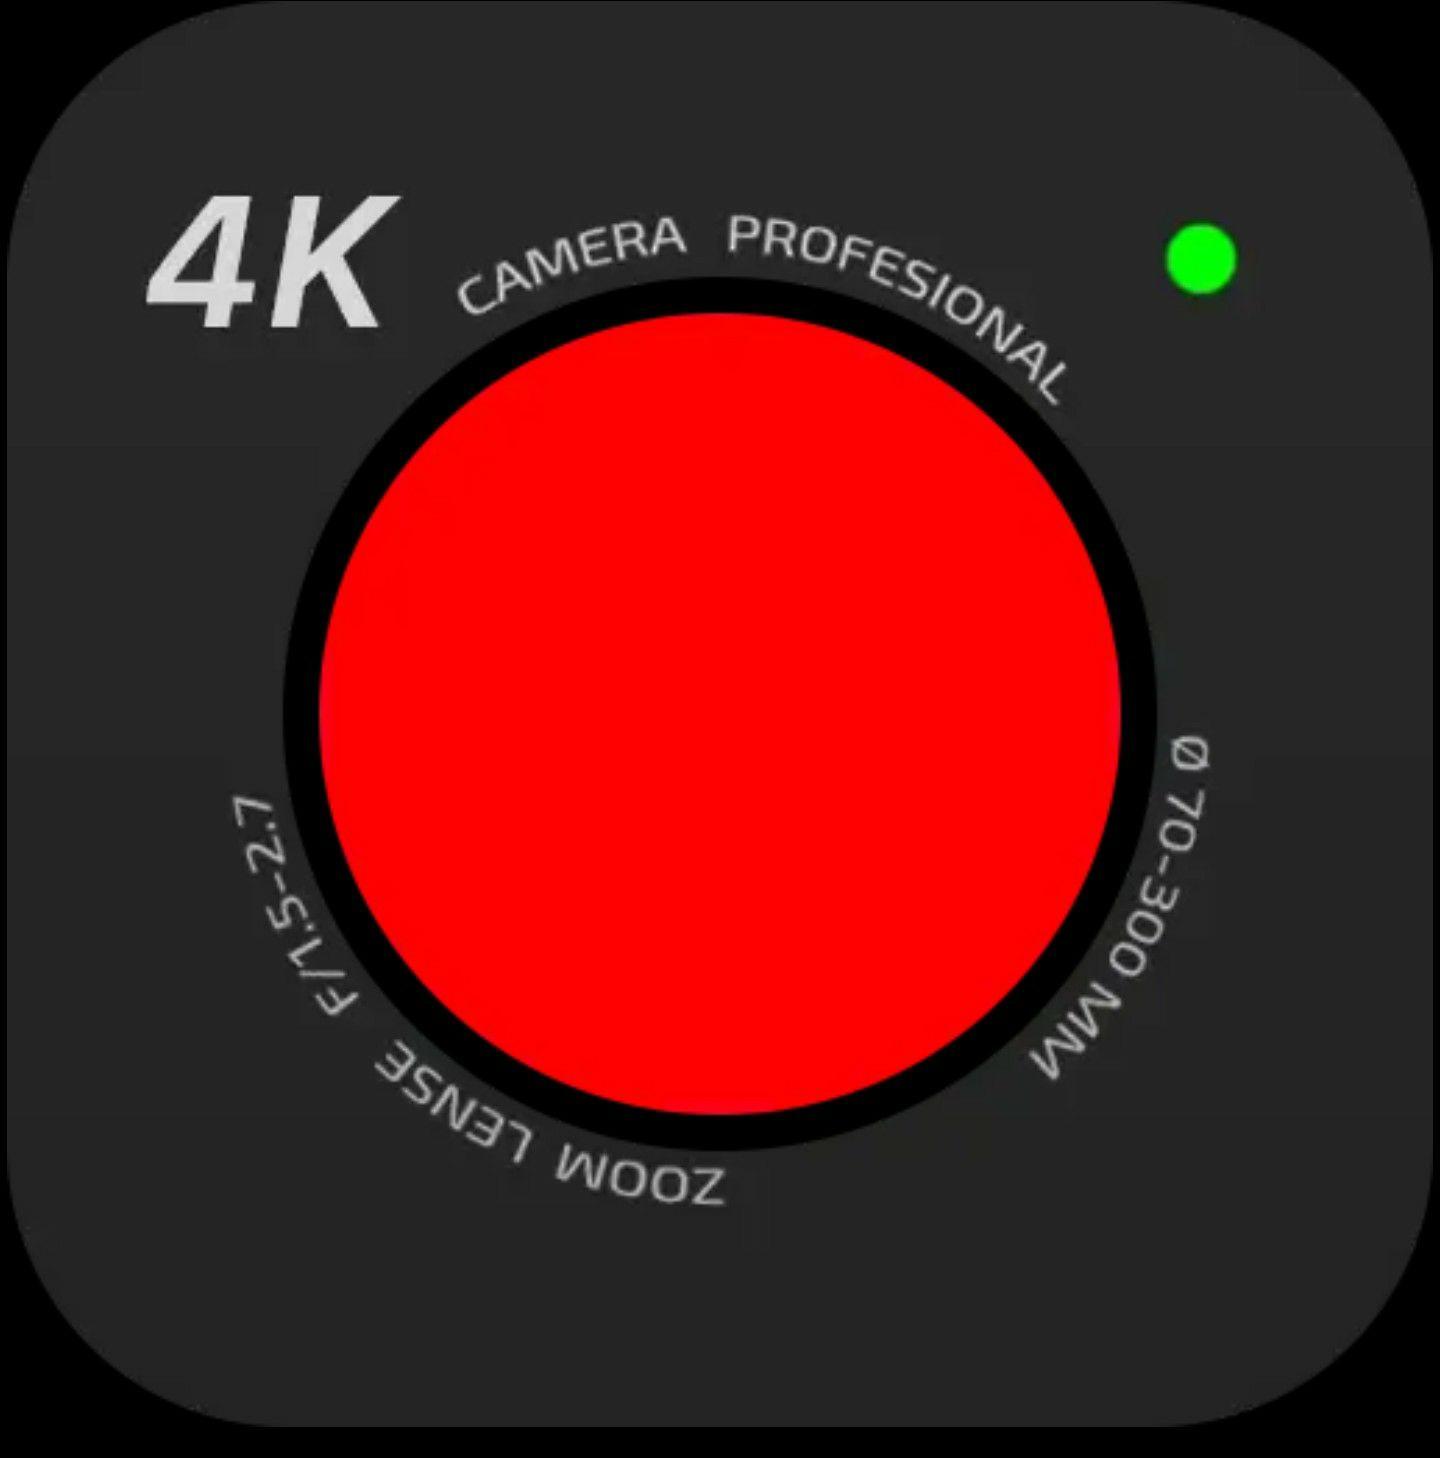 [Gratis] 4K Camera - Filmaker Pro